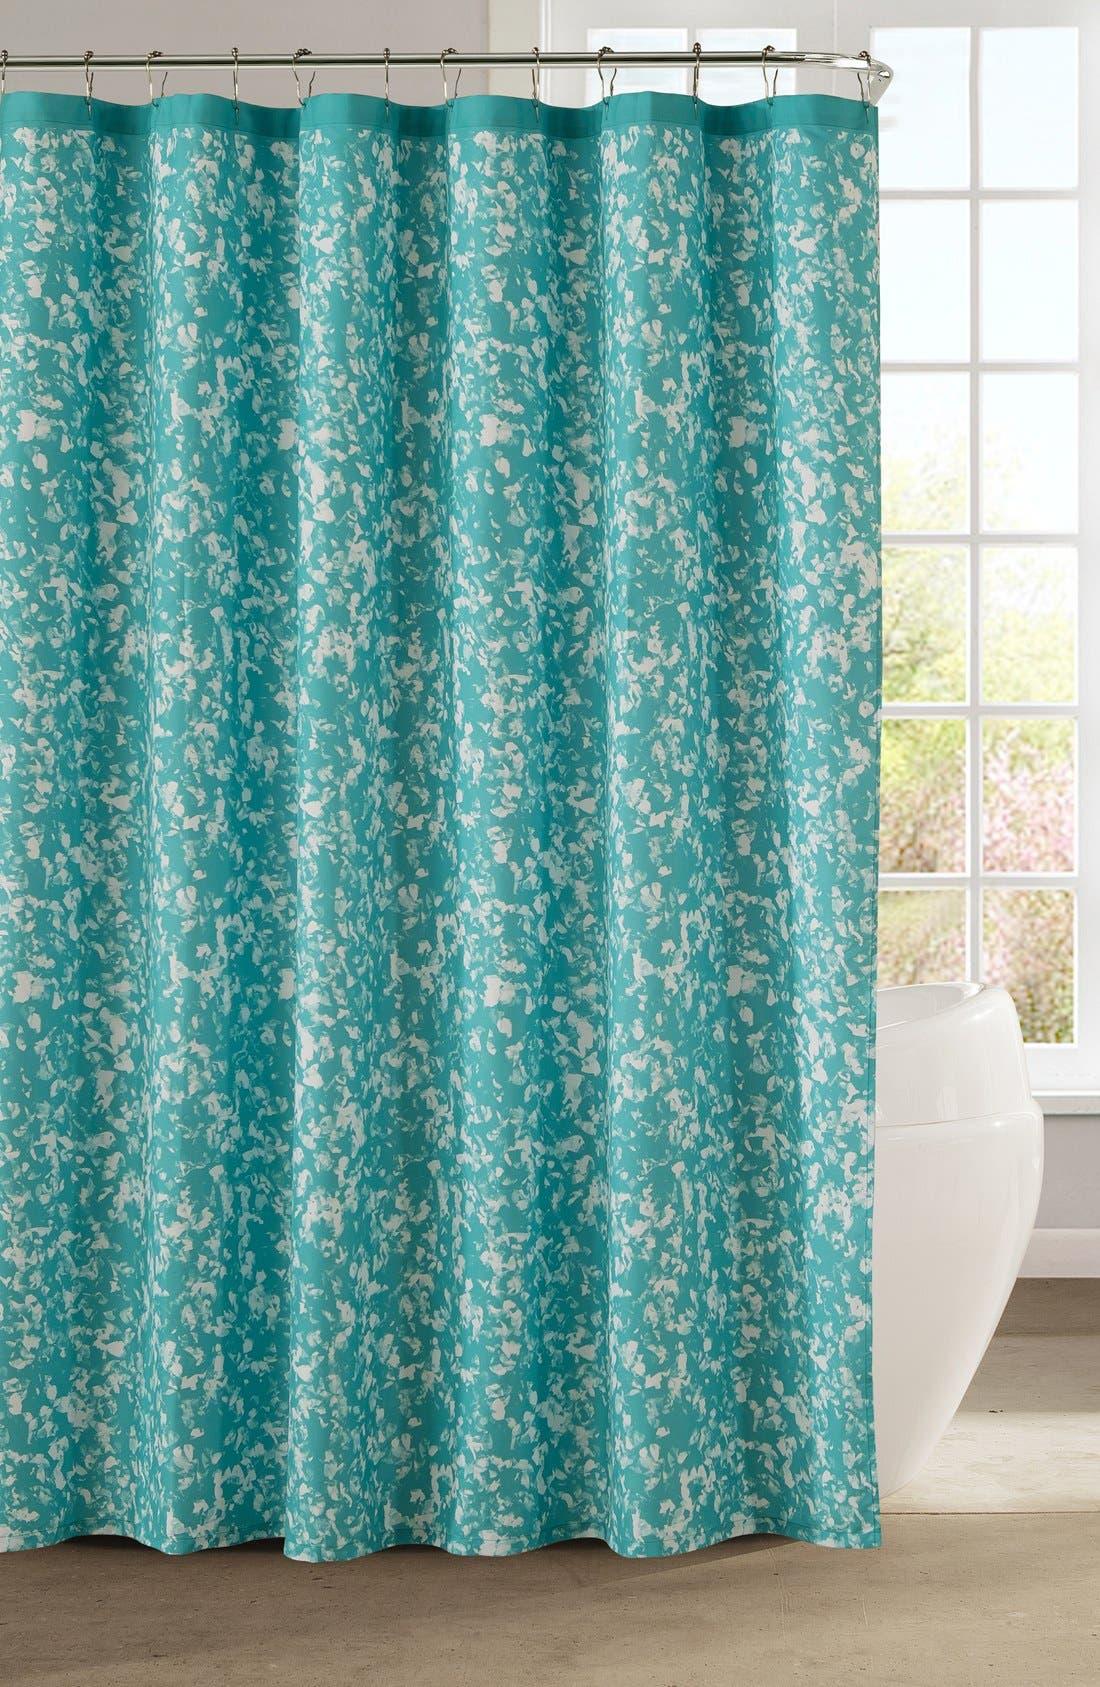 kensie shower curtain